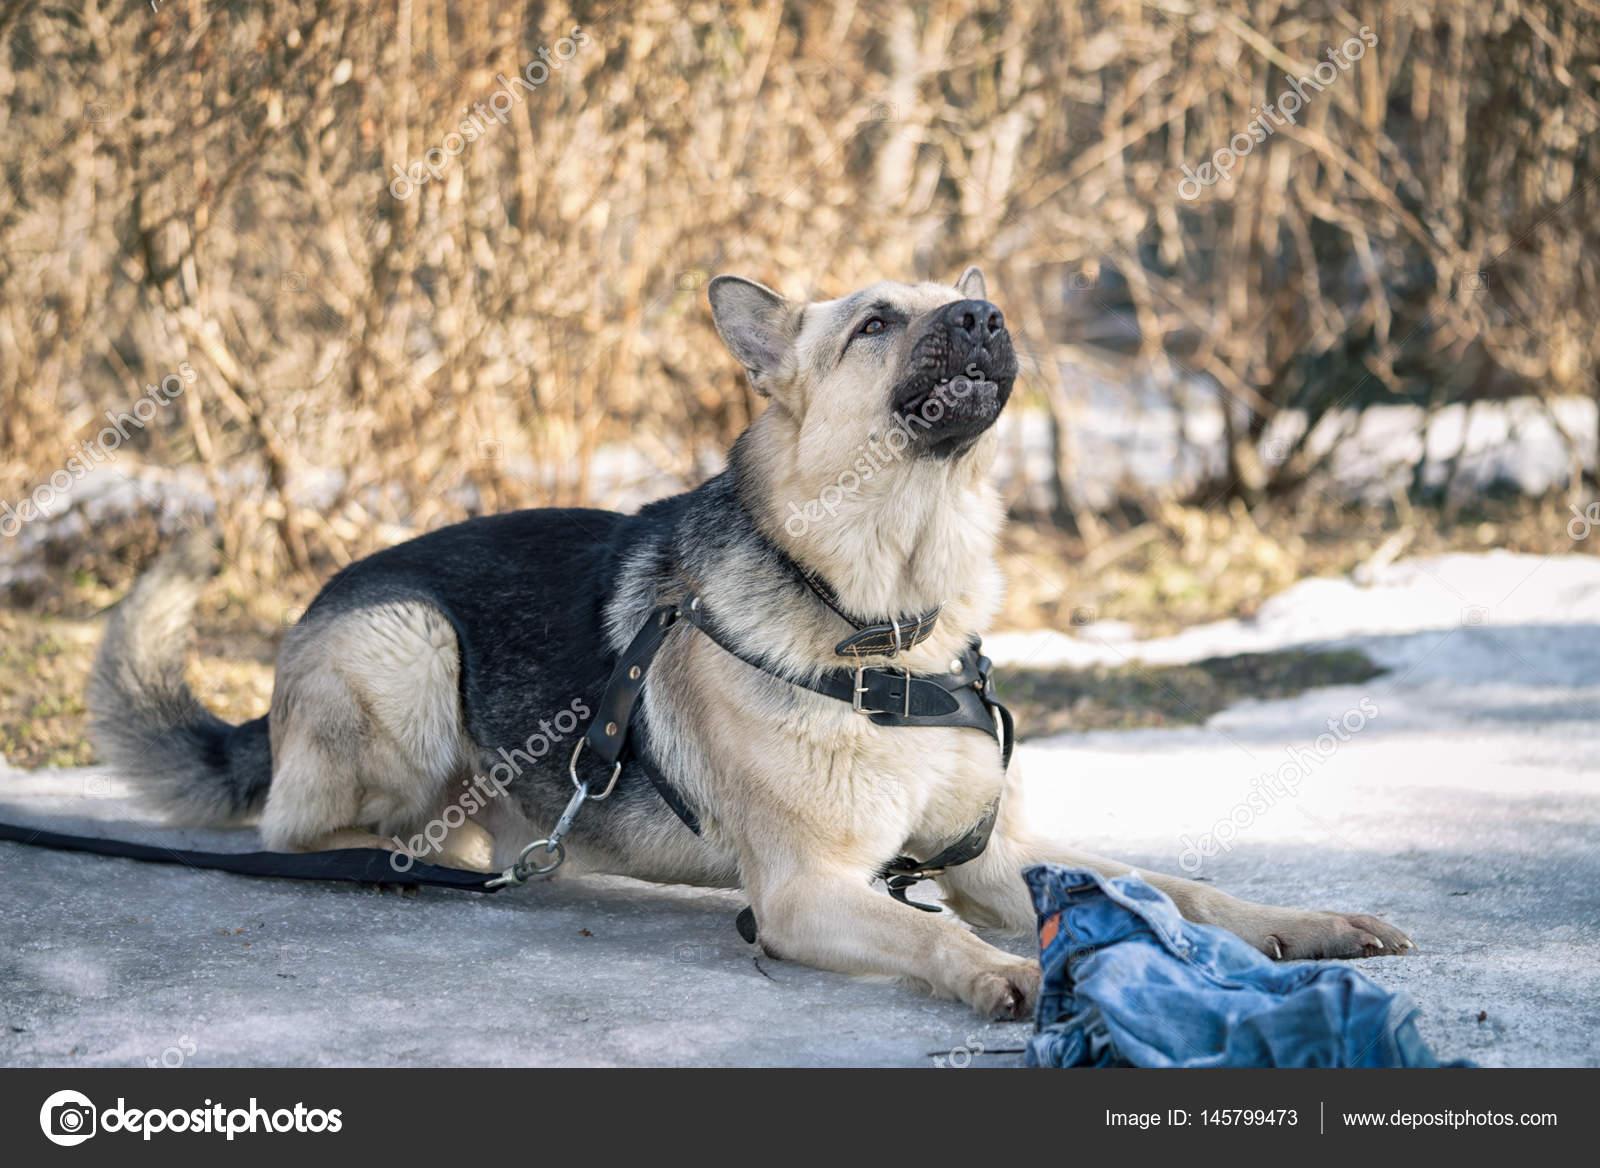 Cane Da Pastore Posa Sulla Neve E La Guardia Lo Straccio Durante Il